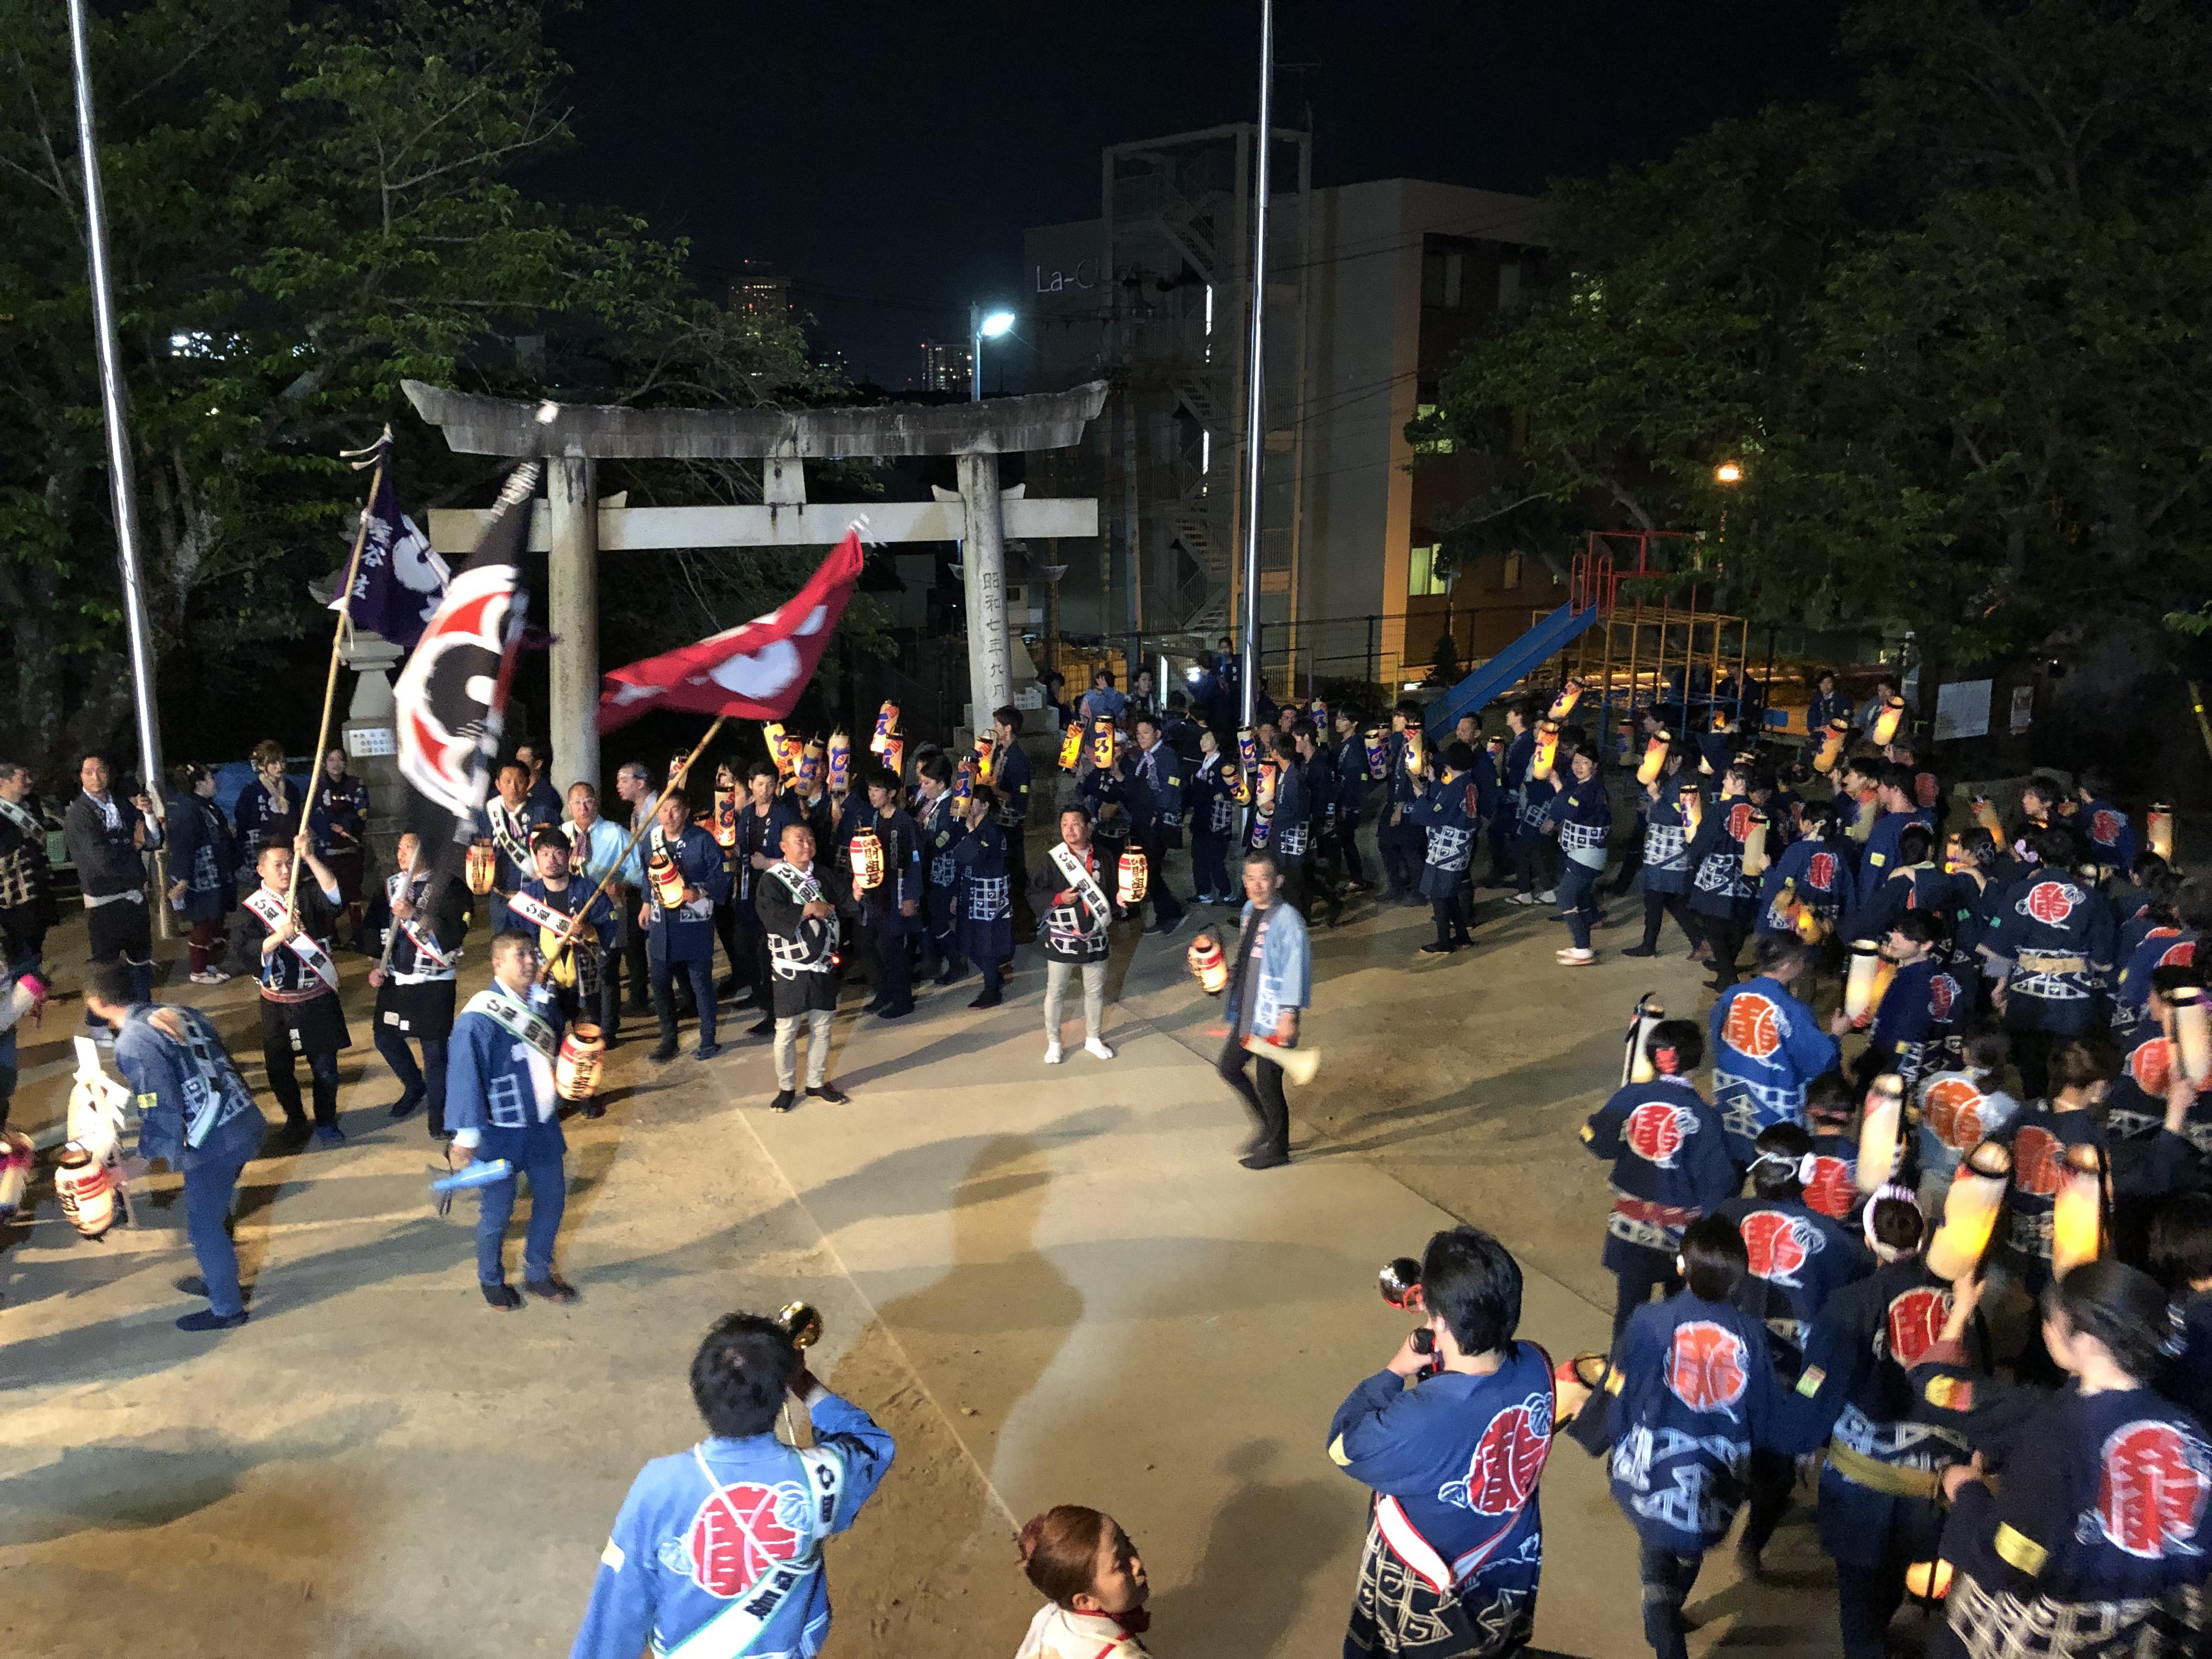 令和元年(2019年)浜松まつり 広沢町凧揚会ひ組